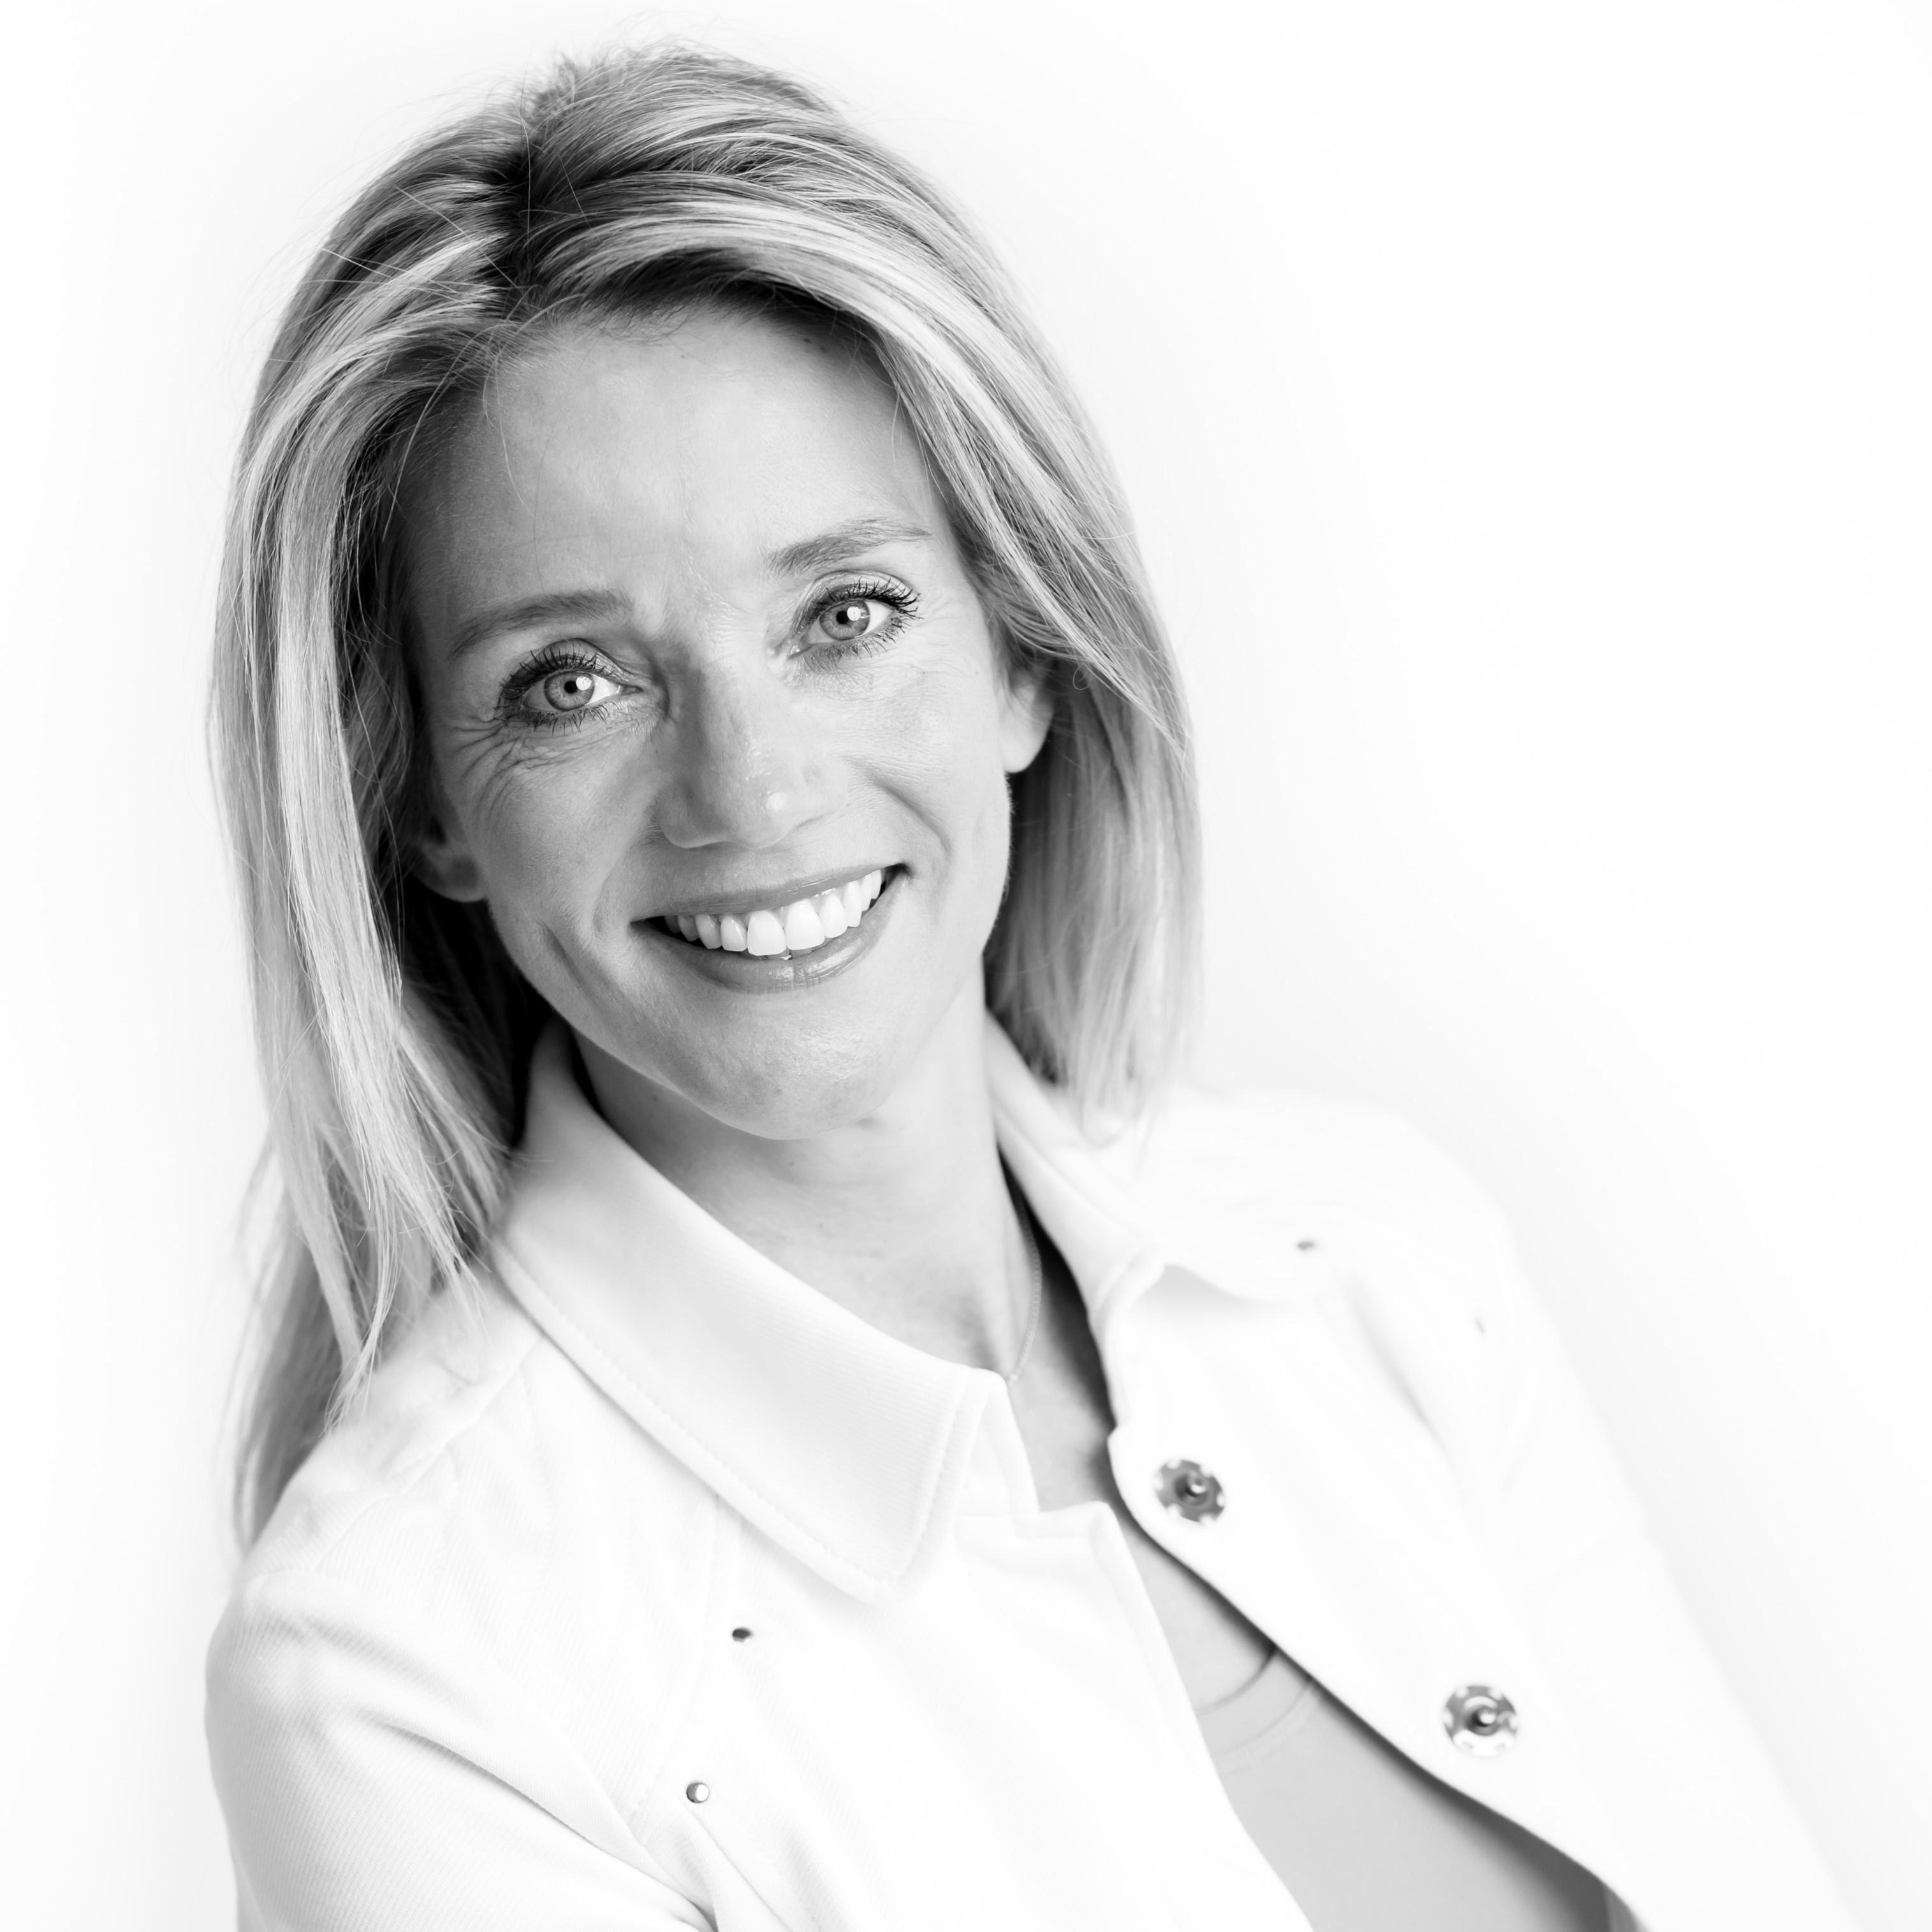 Helga Zevenbergen